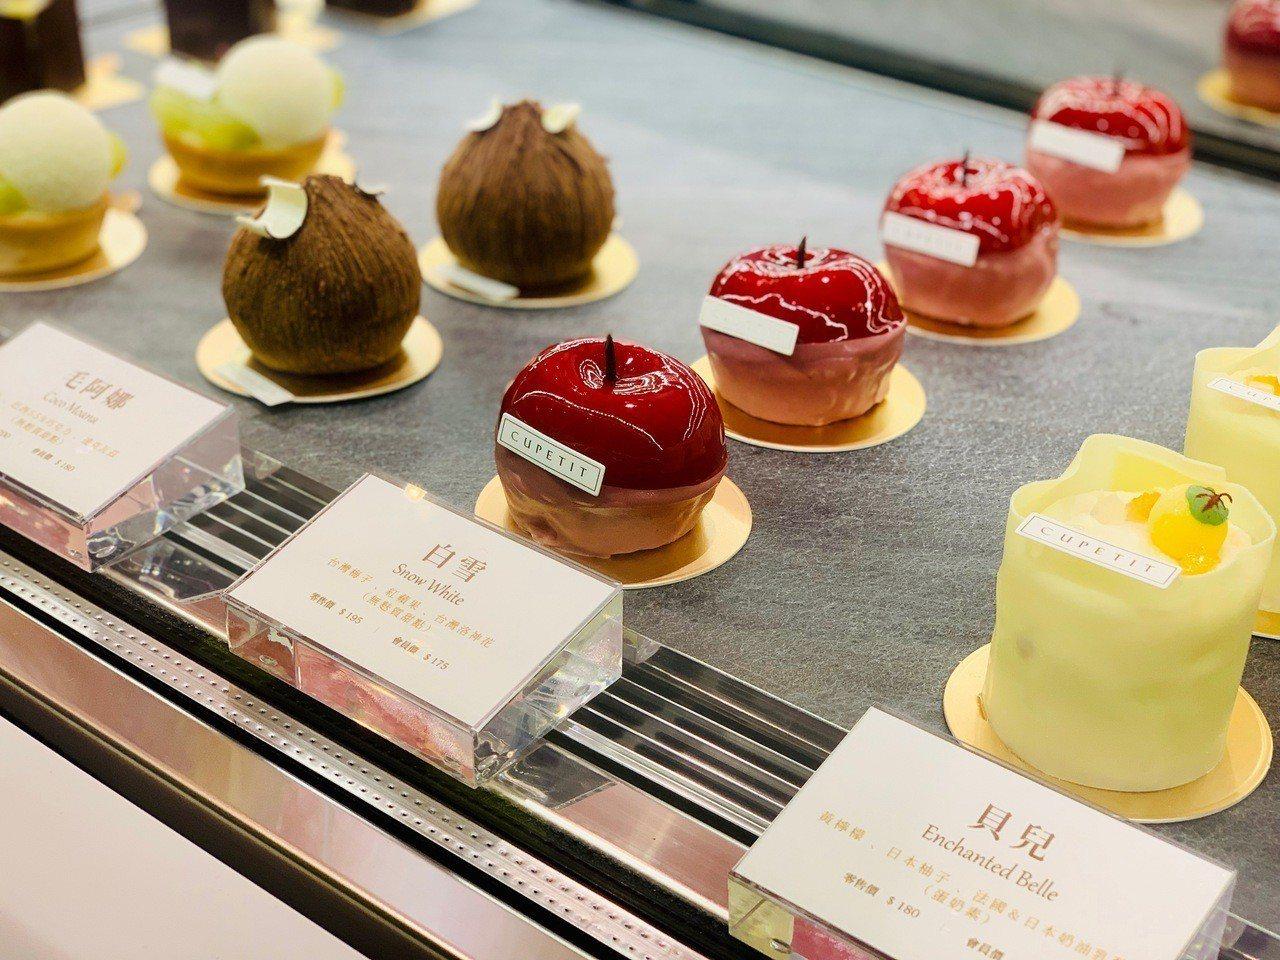 「公主力」夢幻系列甜點。記者張芳瑜/攝影